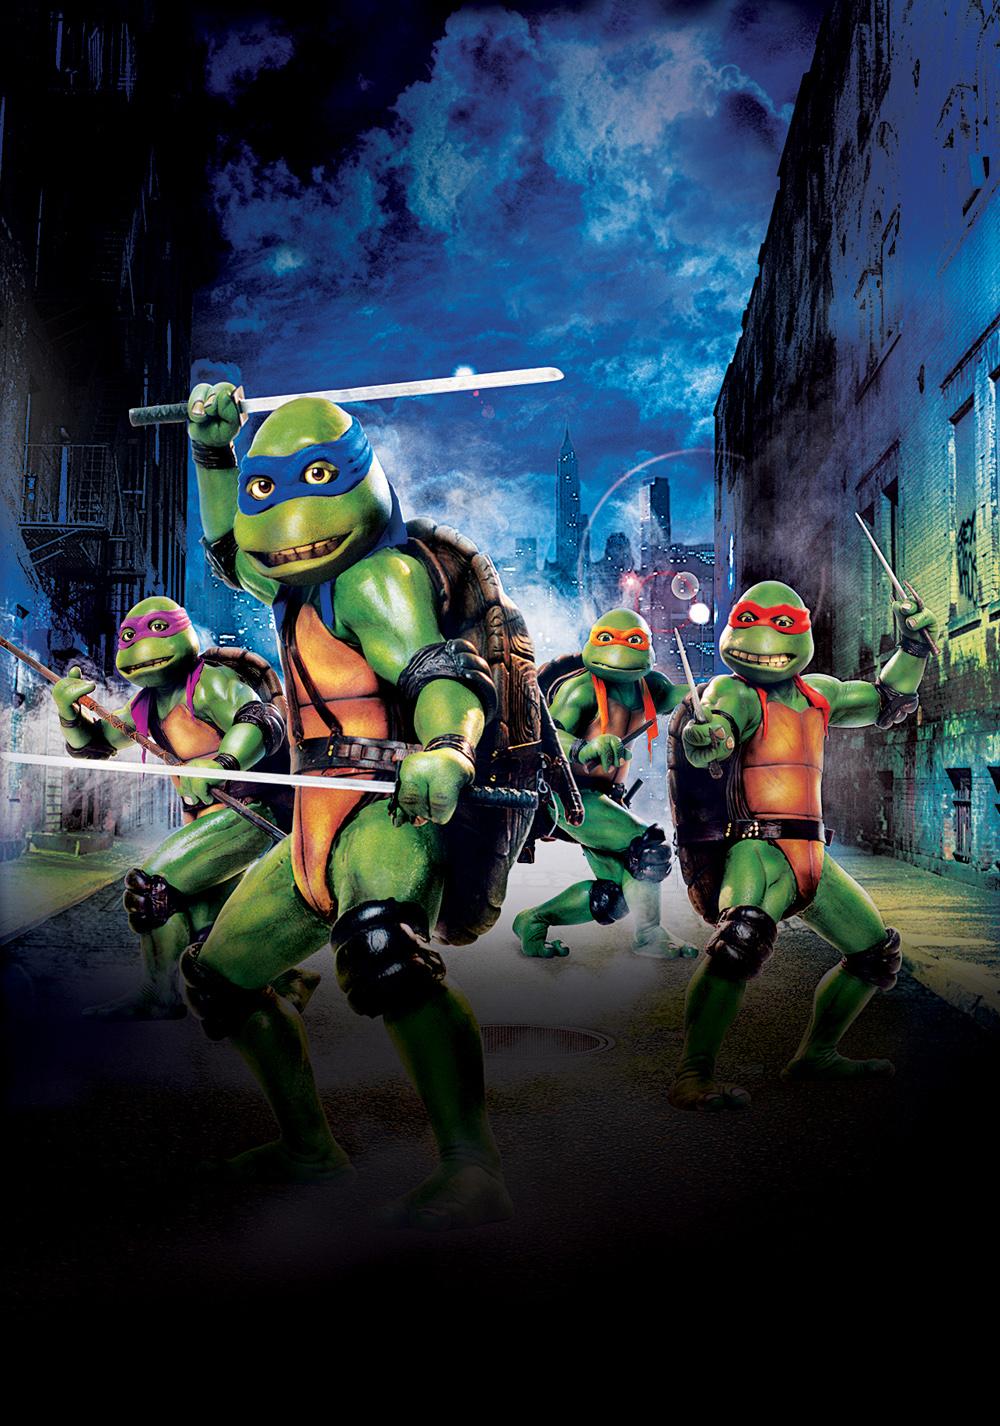 Teenage Mutant Ninja Turtles | Movie fanart | fanart.tv